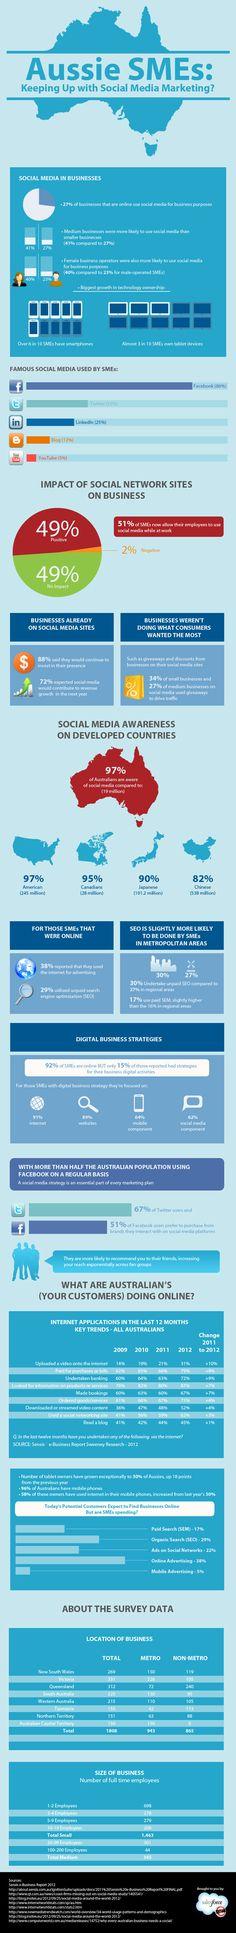 social-media-marketing-australia.jpg (800×6553)